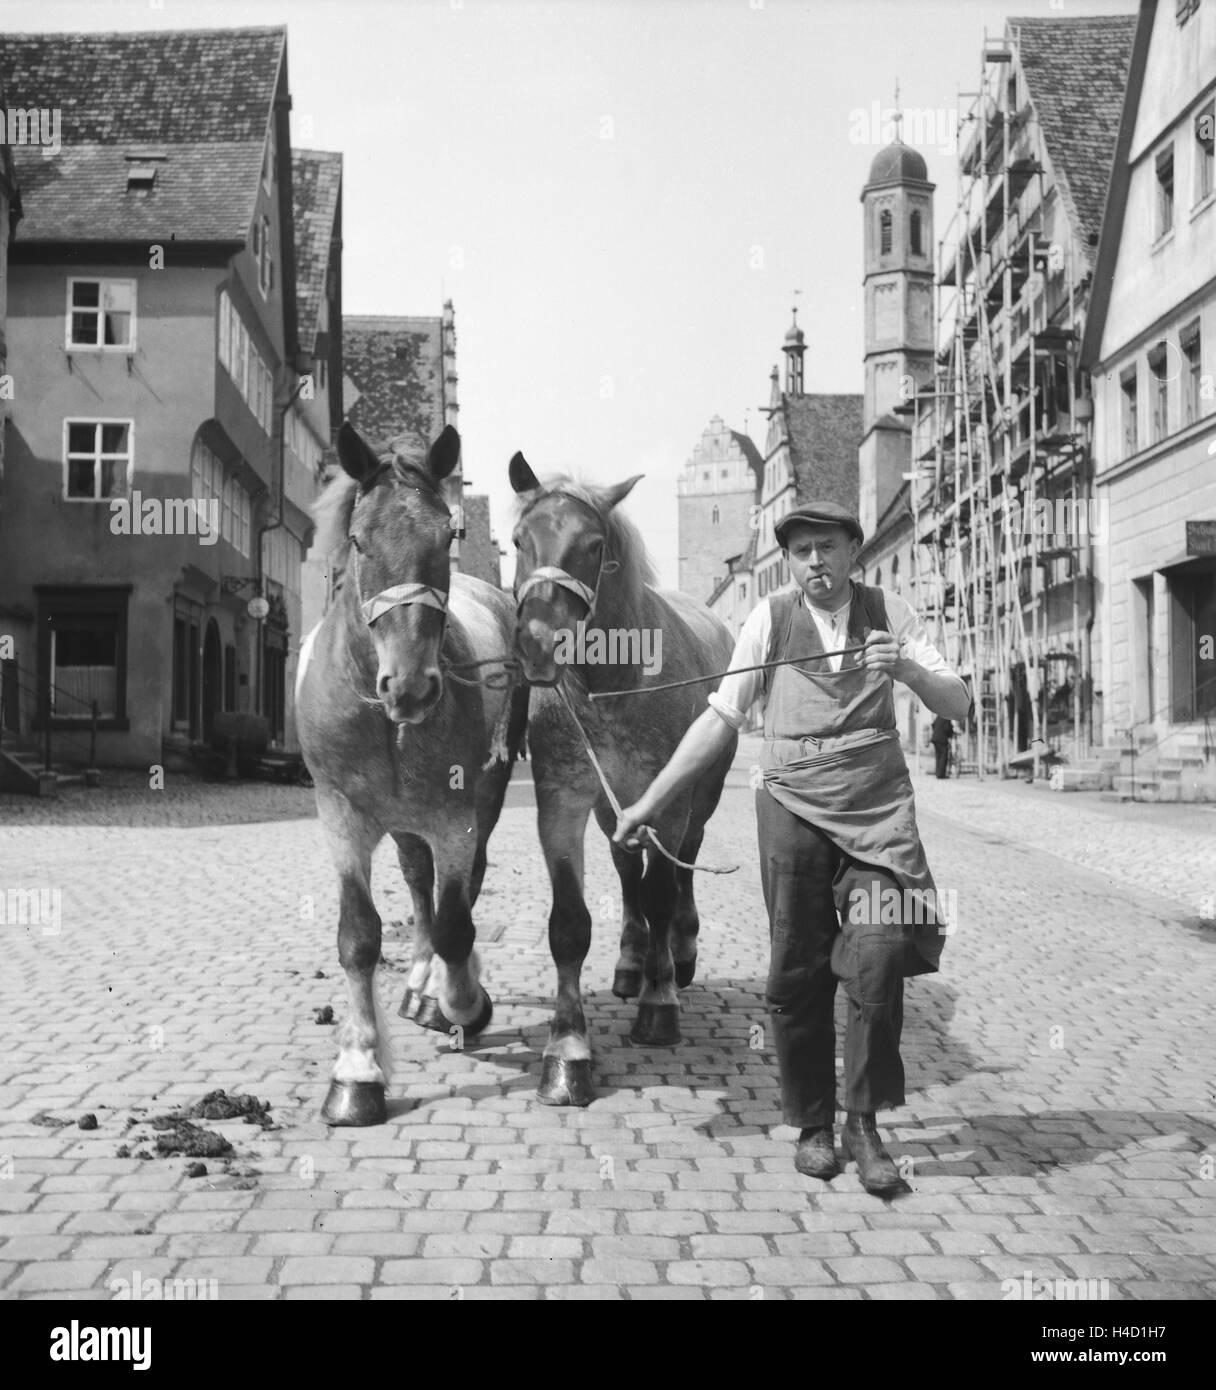 Unterwegs in Und um Dinkelsbühl in Mittelfranken, 1930er Jahre Deutschland. Am und rund um die Stadt Dinkelsbühl Stockbild